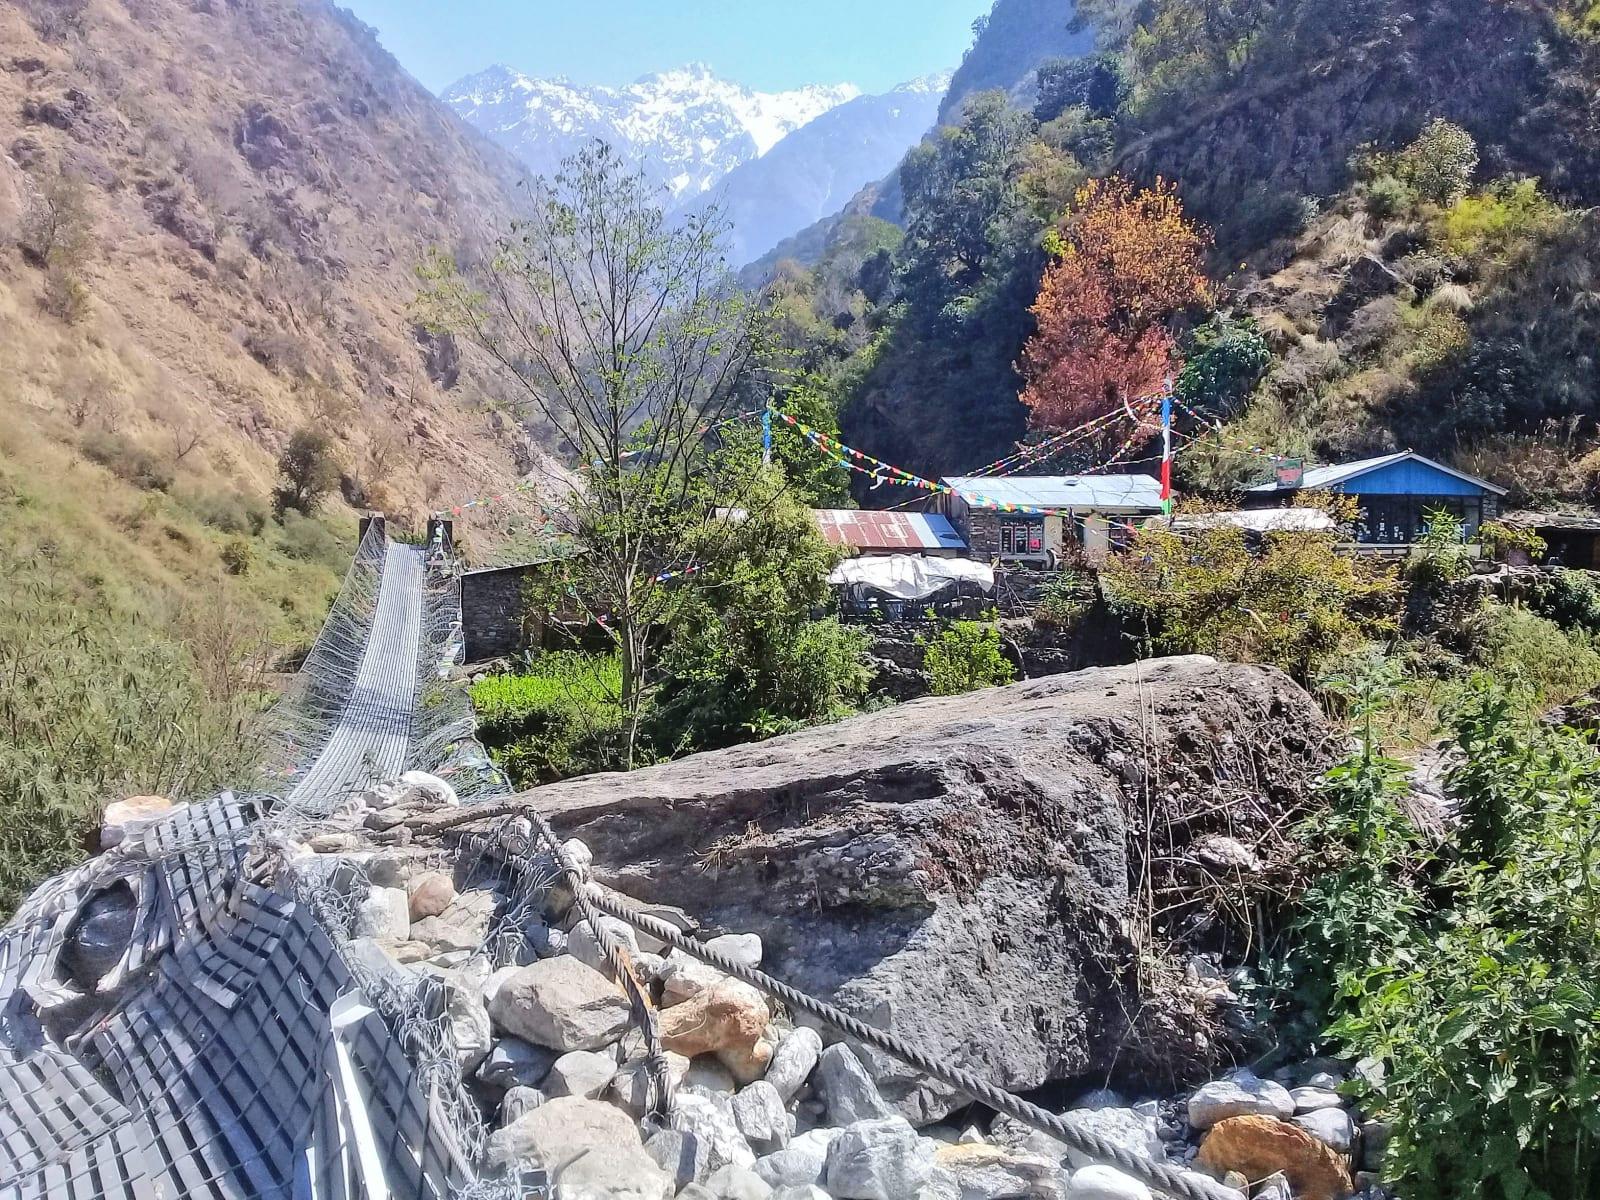 1_Těsně-před-přechodem-jednoho-z-poničených-mostů-zemětřesením-Nepál